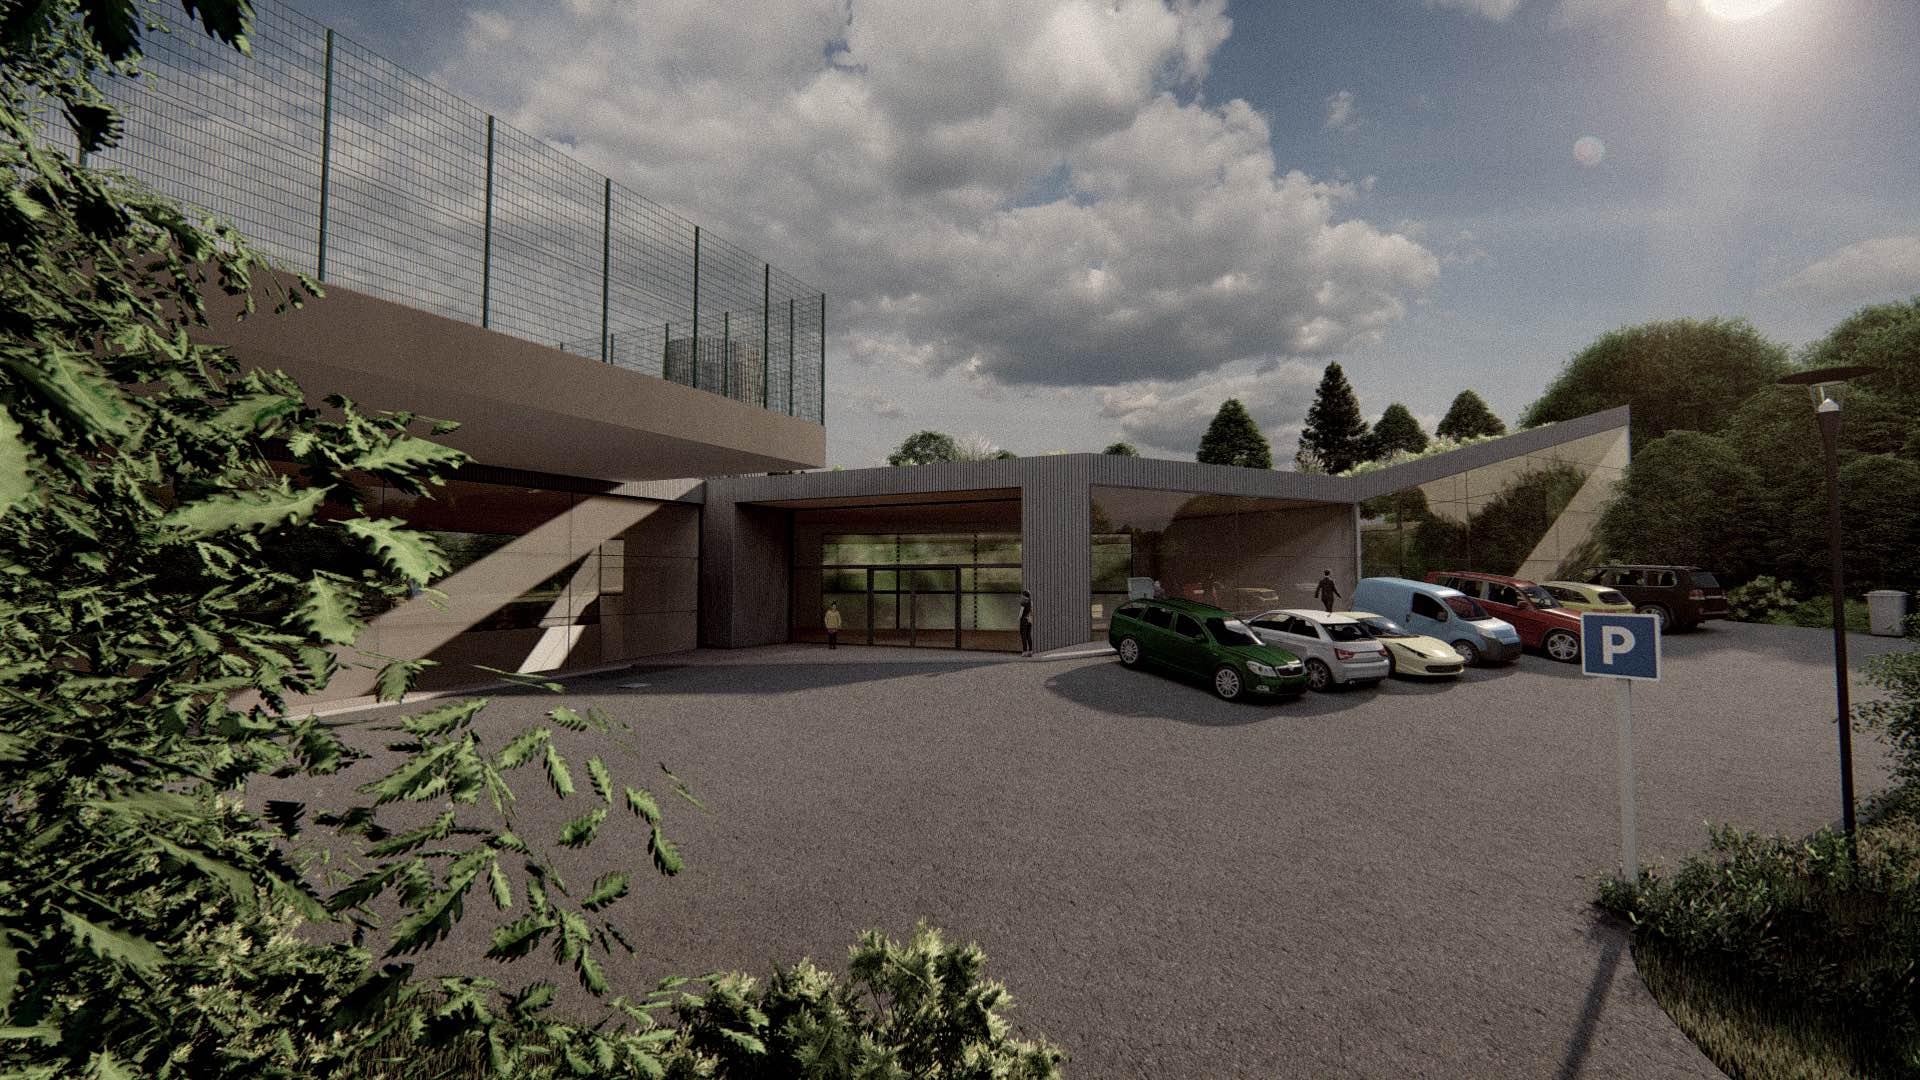 Rezidence Jenerálka KKCG - vizualizace sportovního komplexu. Autor: Kurz architekti